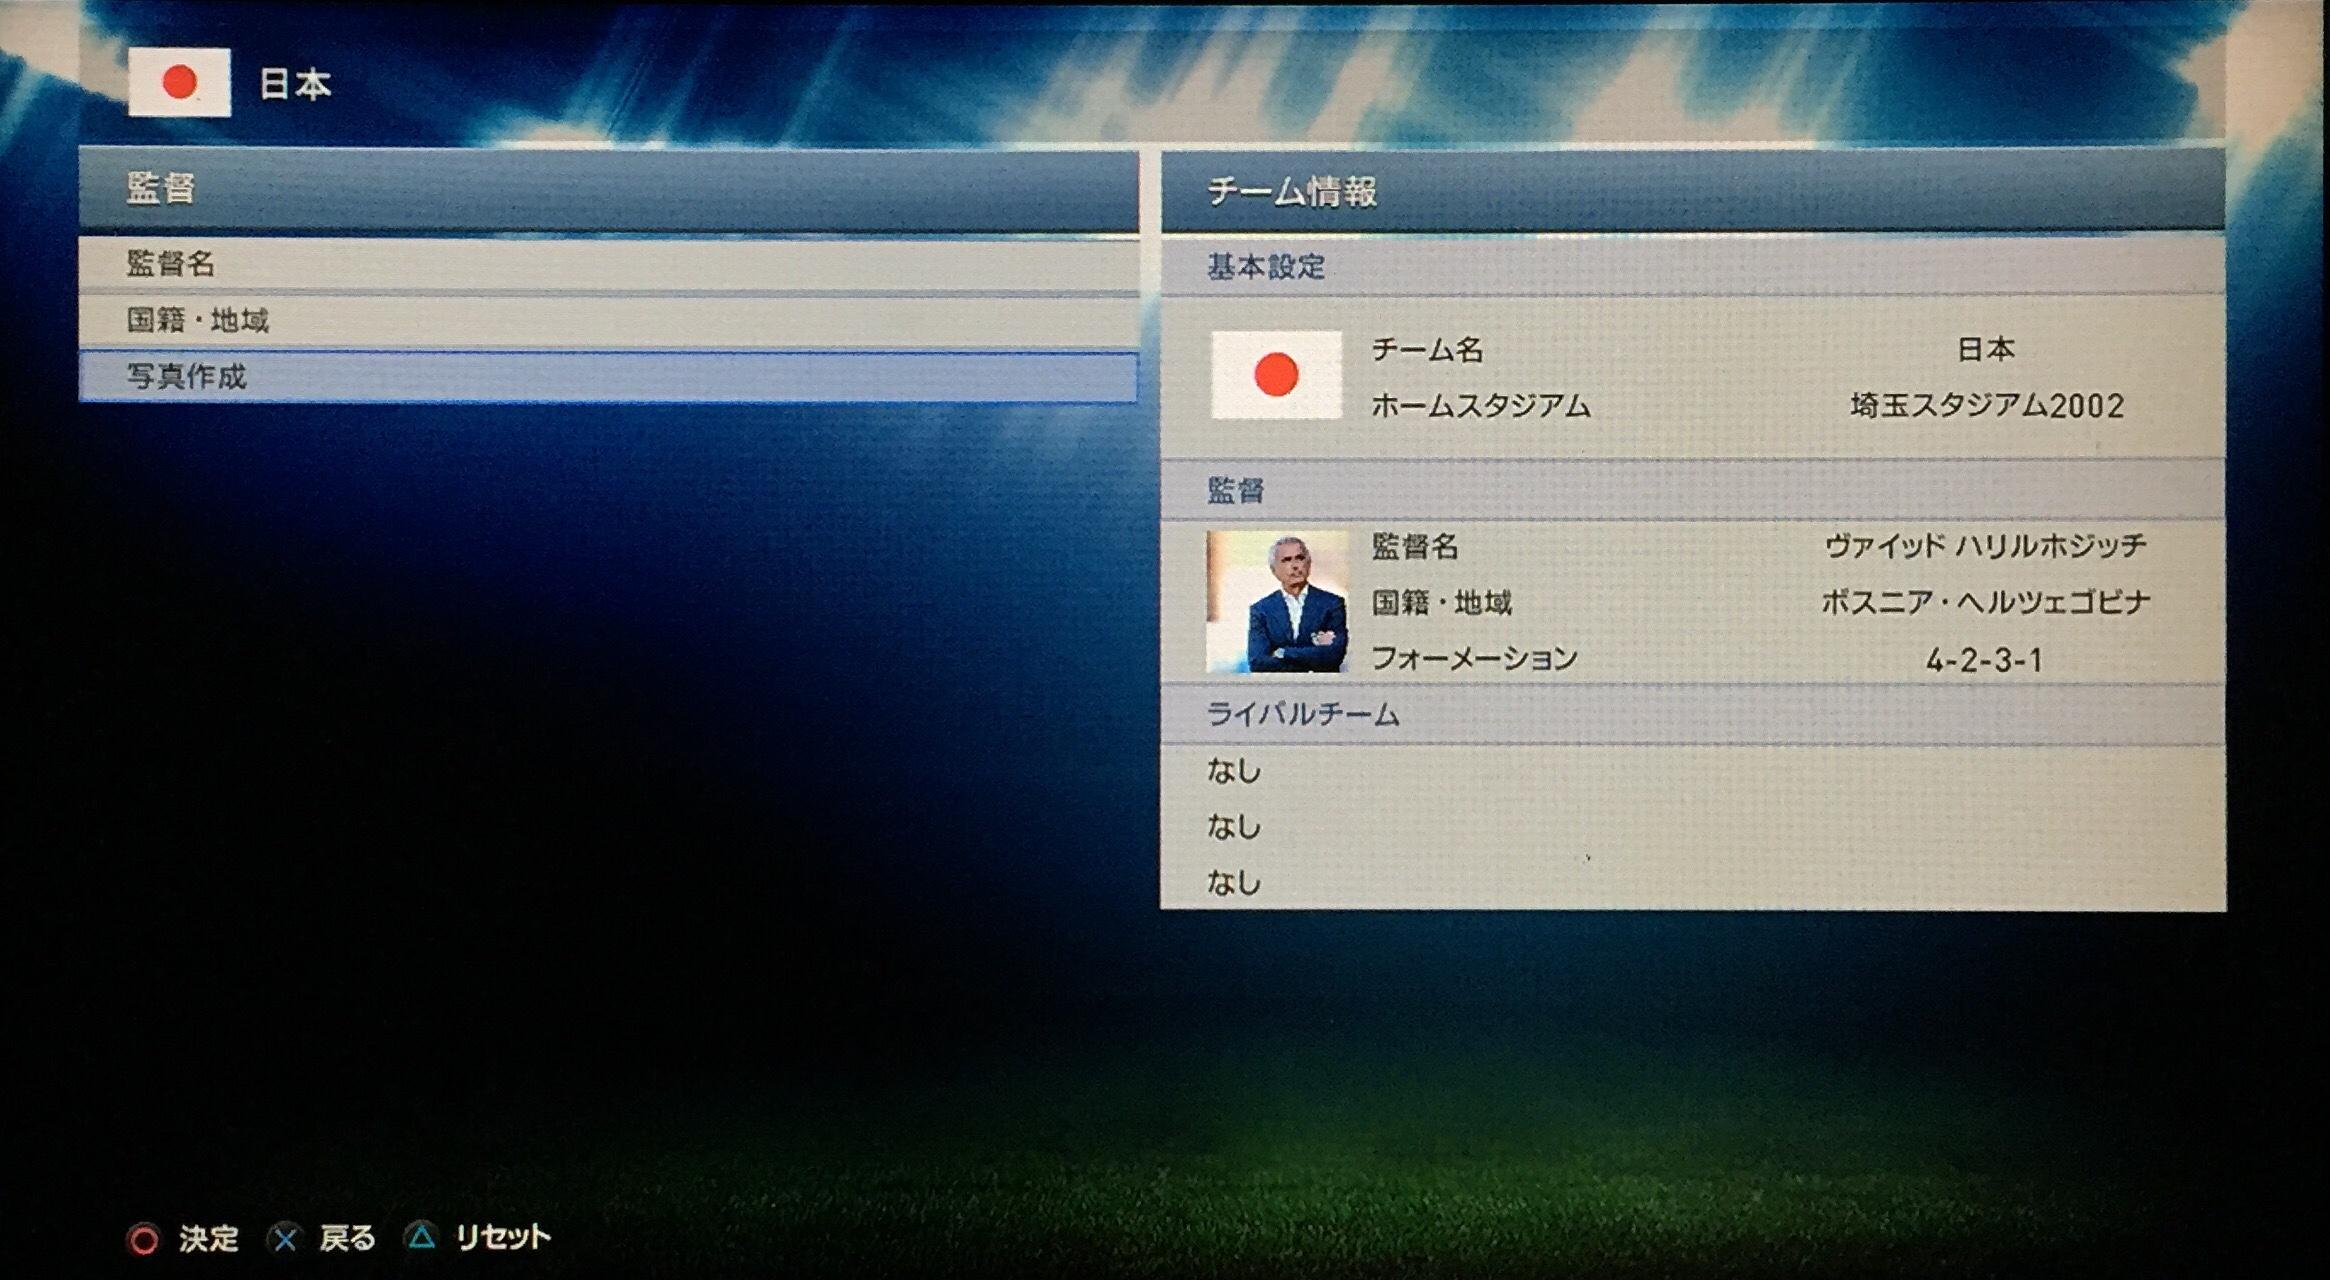 日本代表国内合宿組1